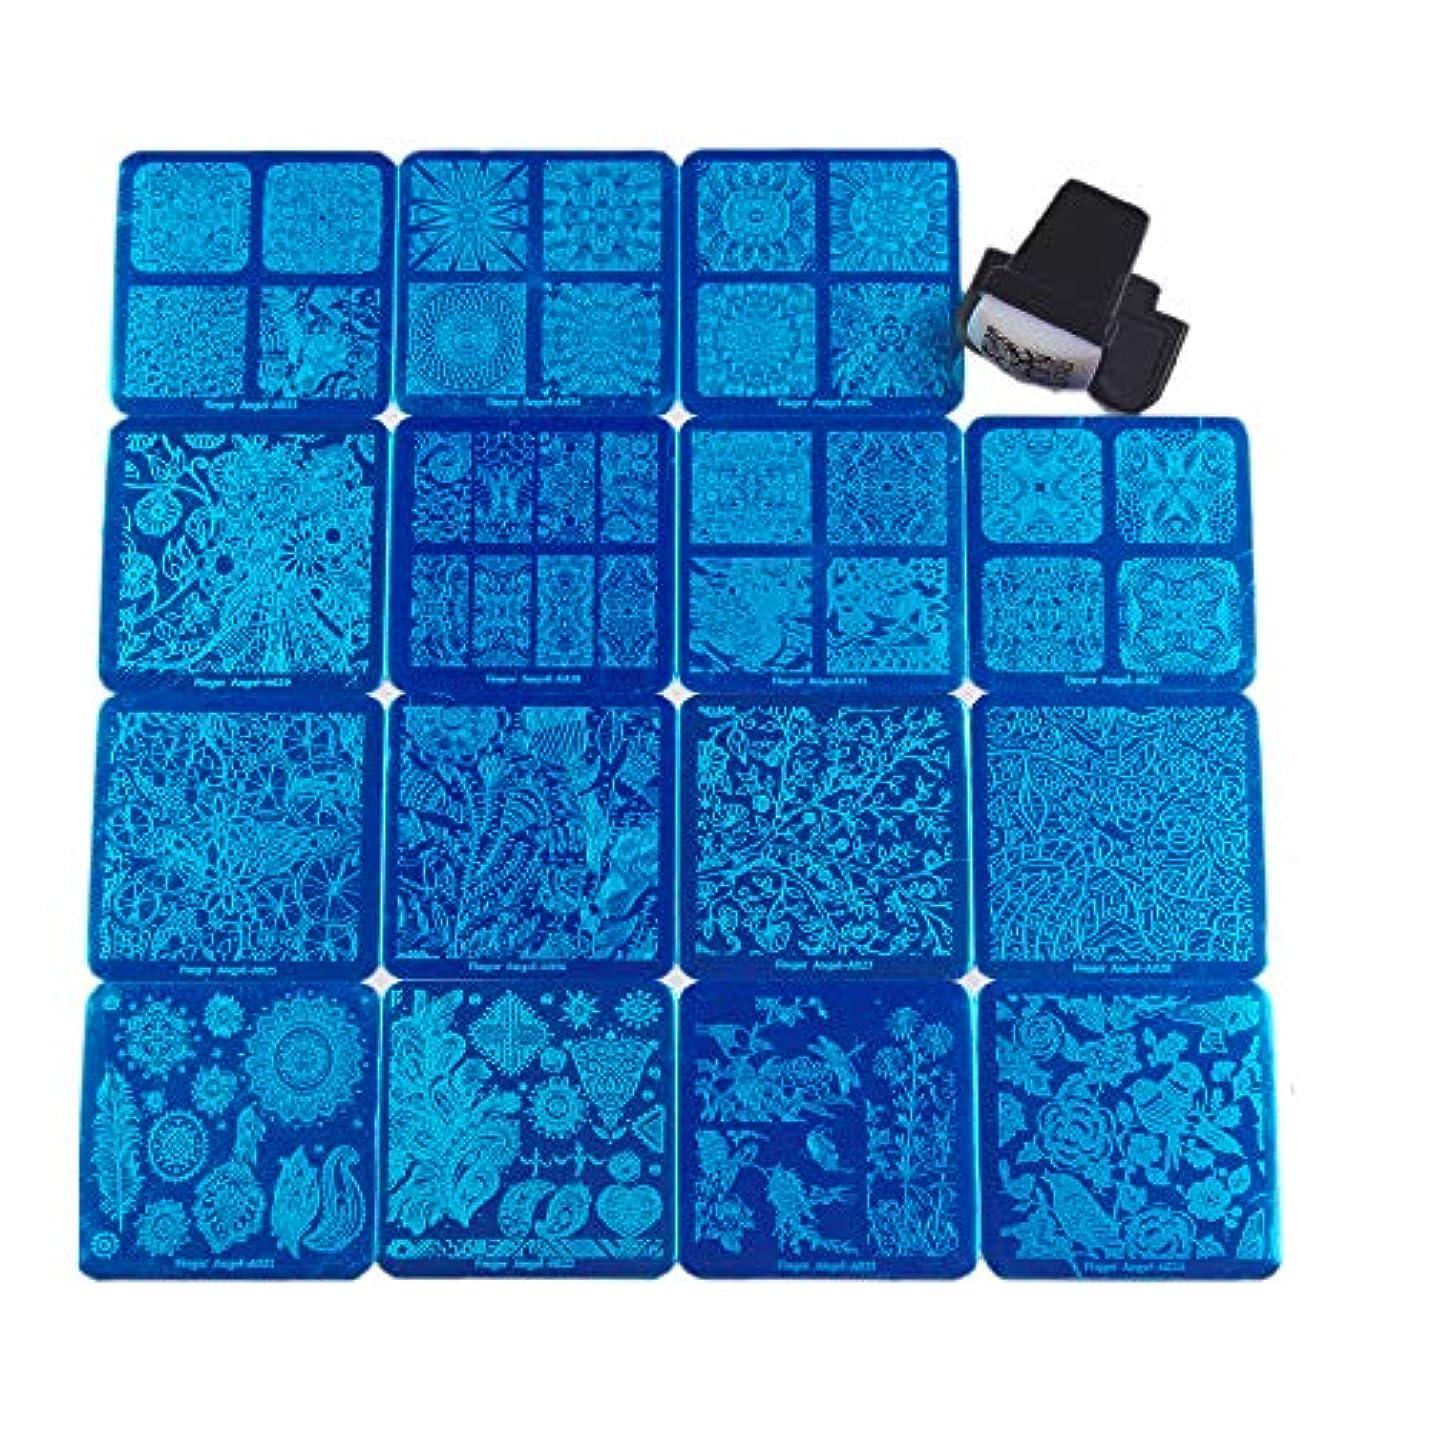 タップインストール免疫FingerAngel ネイルイメージプレートセット ネイルプレート正方形15枚 スタンプ スクレーパー カードバッグ付き ネイルサロンも自宅も使えるネイルプレート